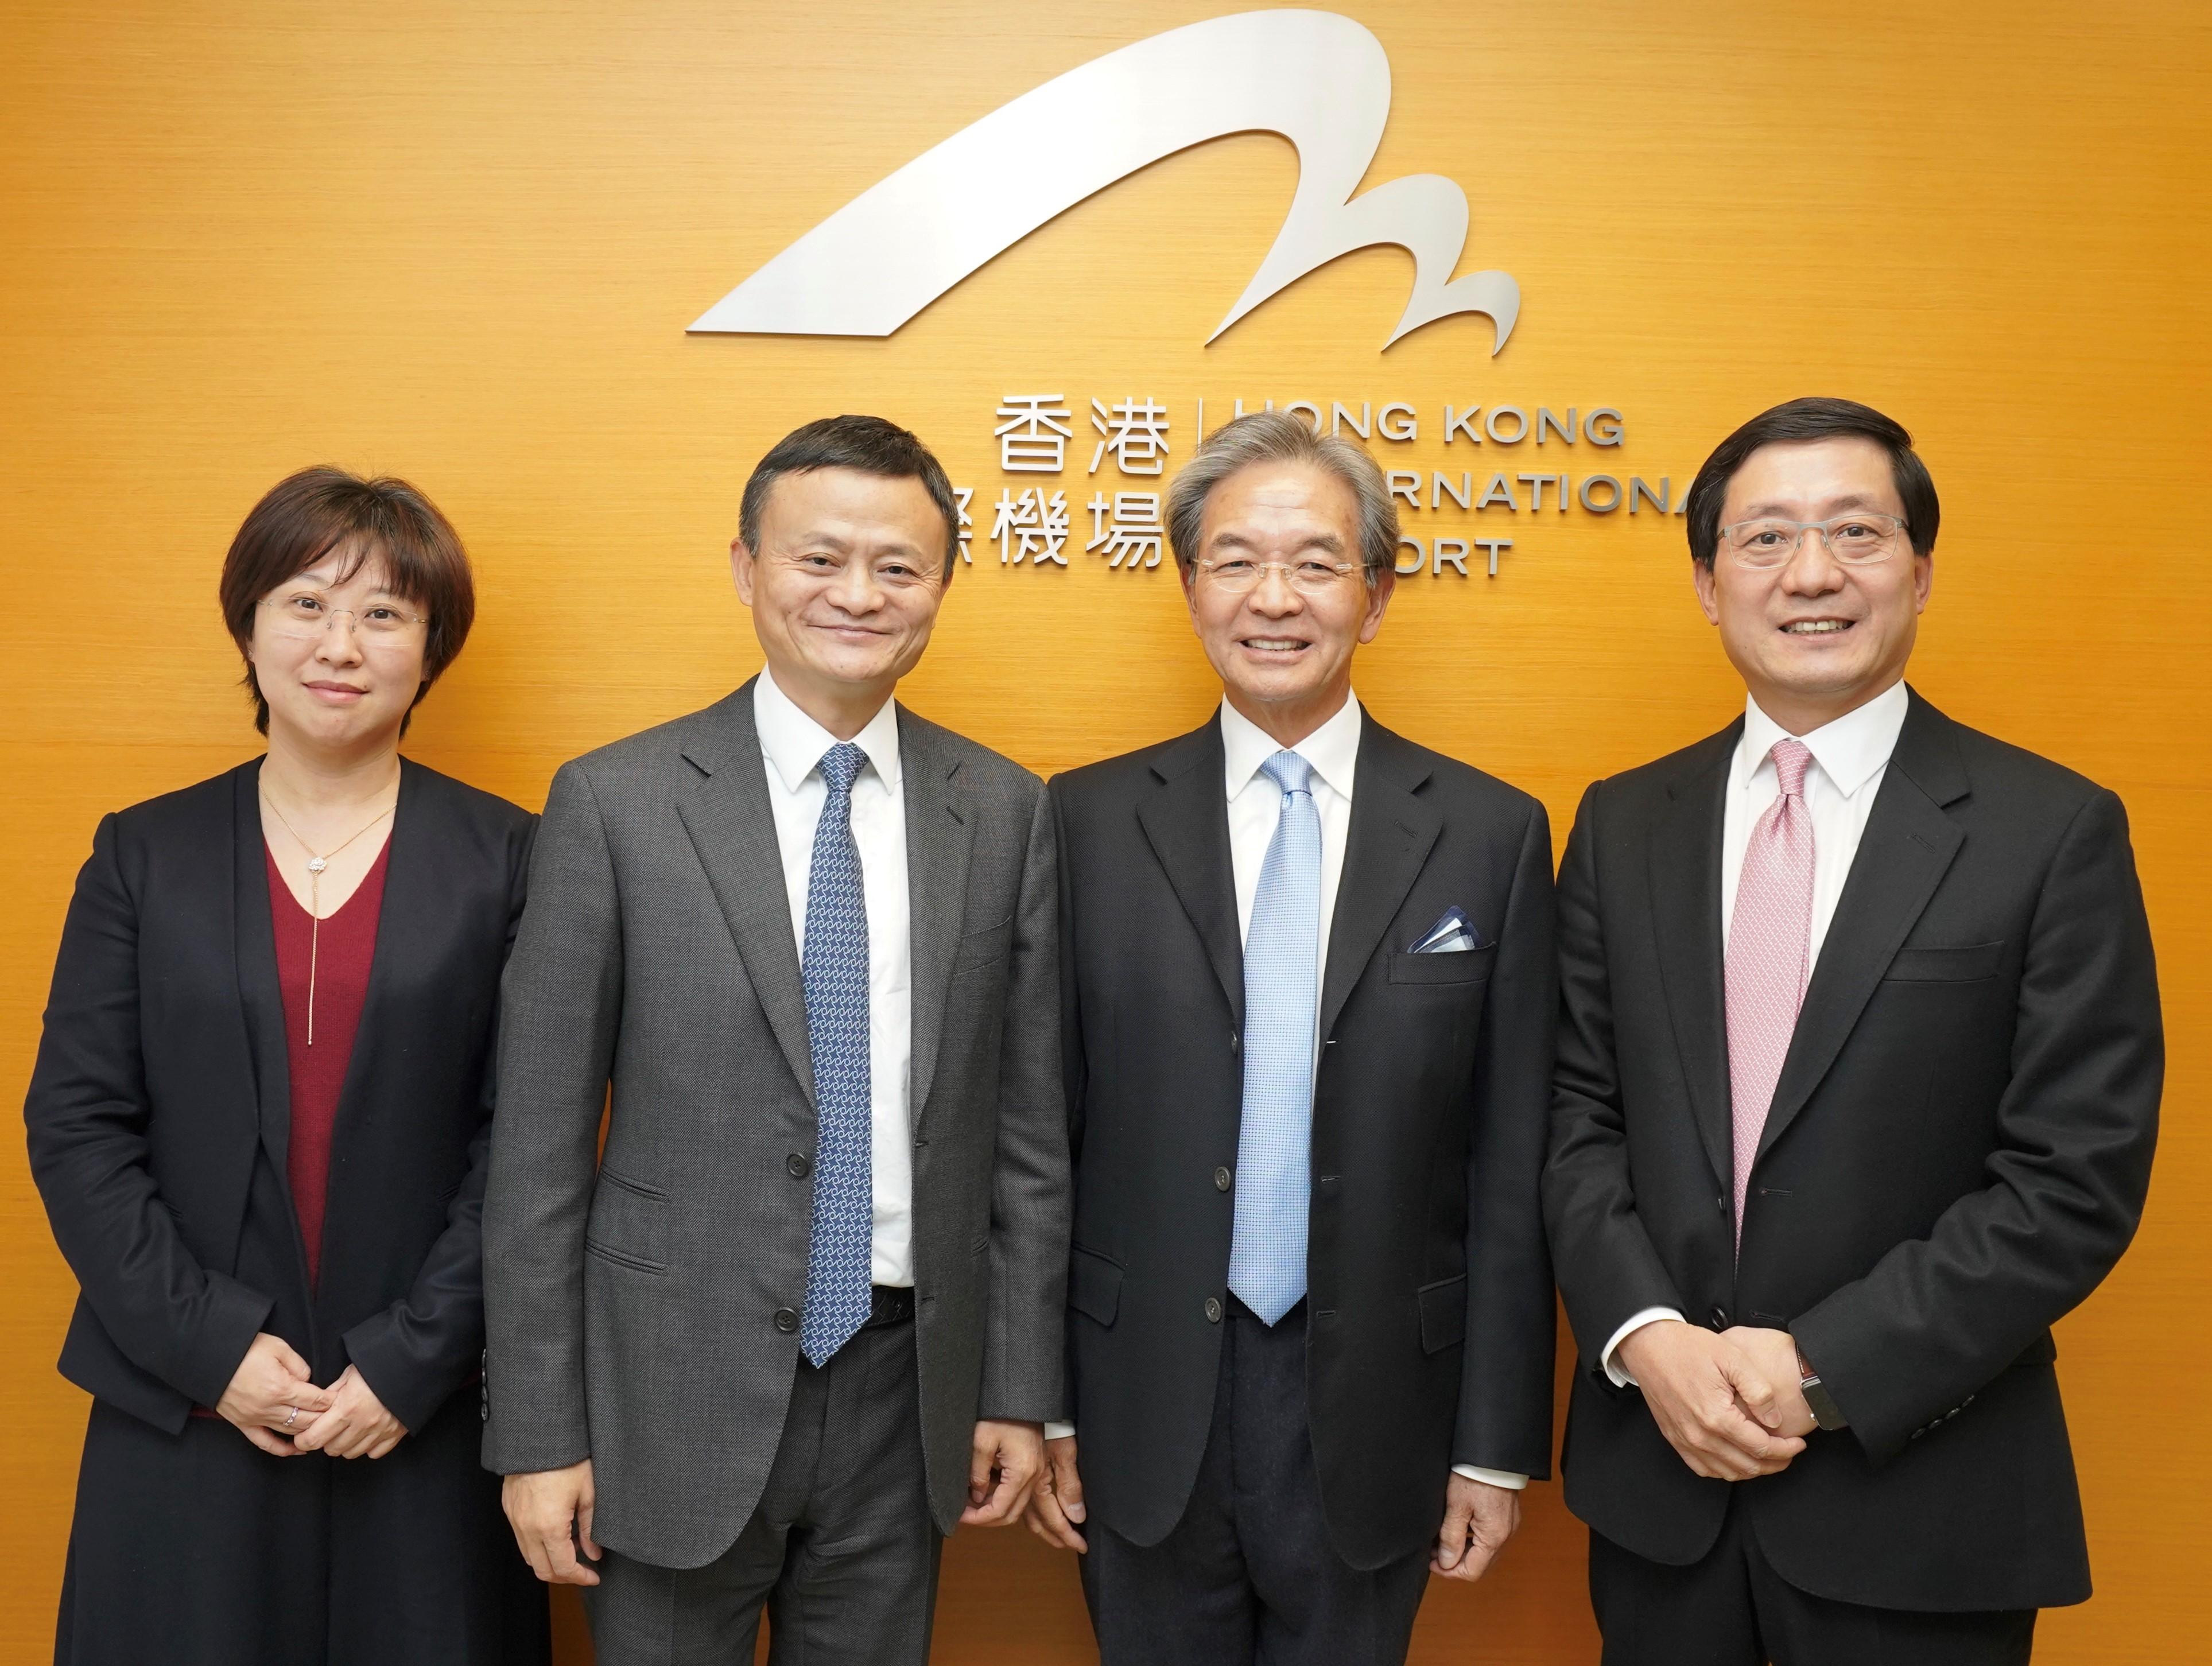 强化世界贸易中心地位  香港各界热评菜鸟骨干网